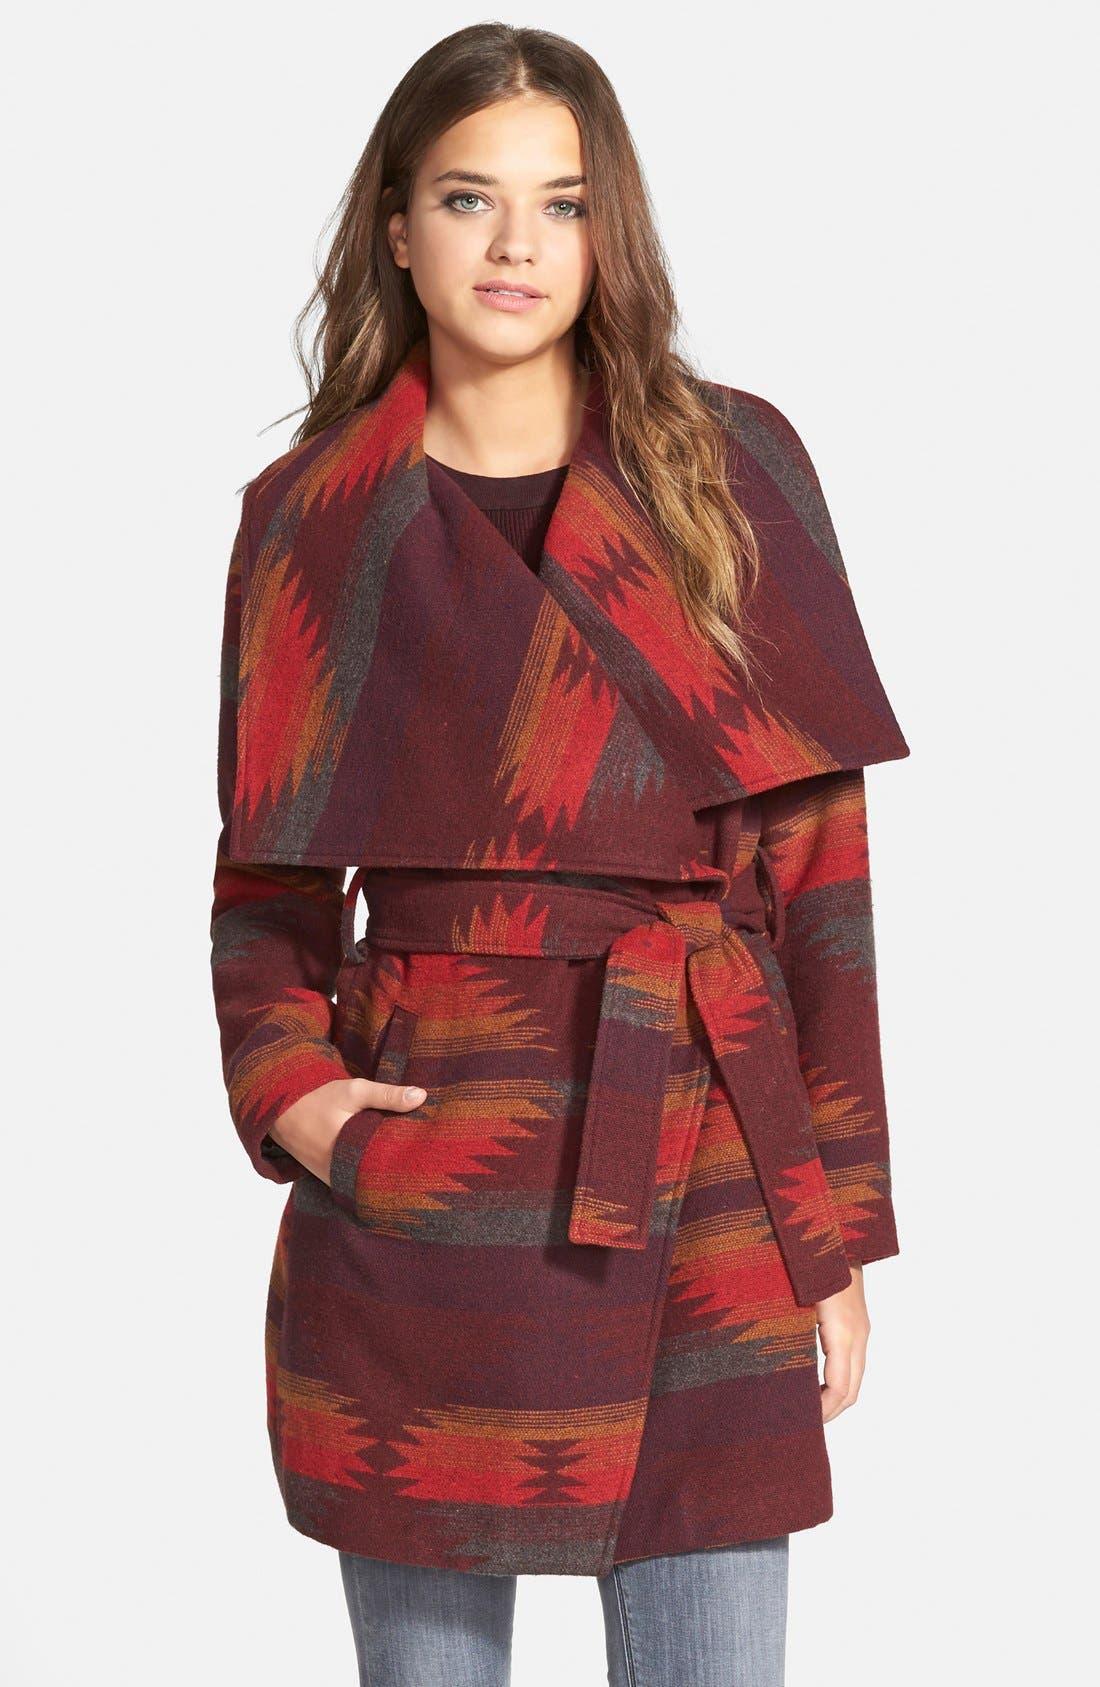 Alternate Image 1 Selected - Steve Madden Blanket Wrap Coat